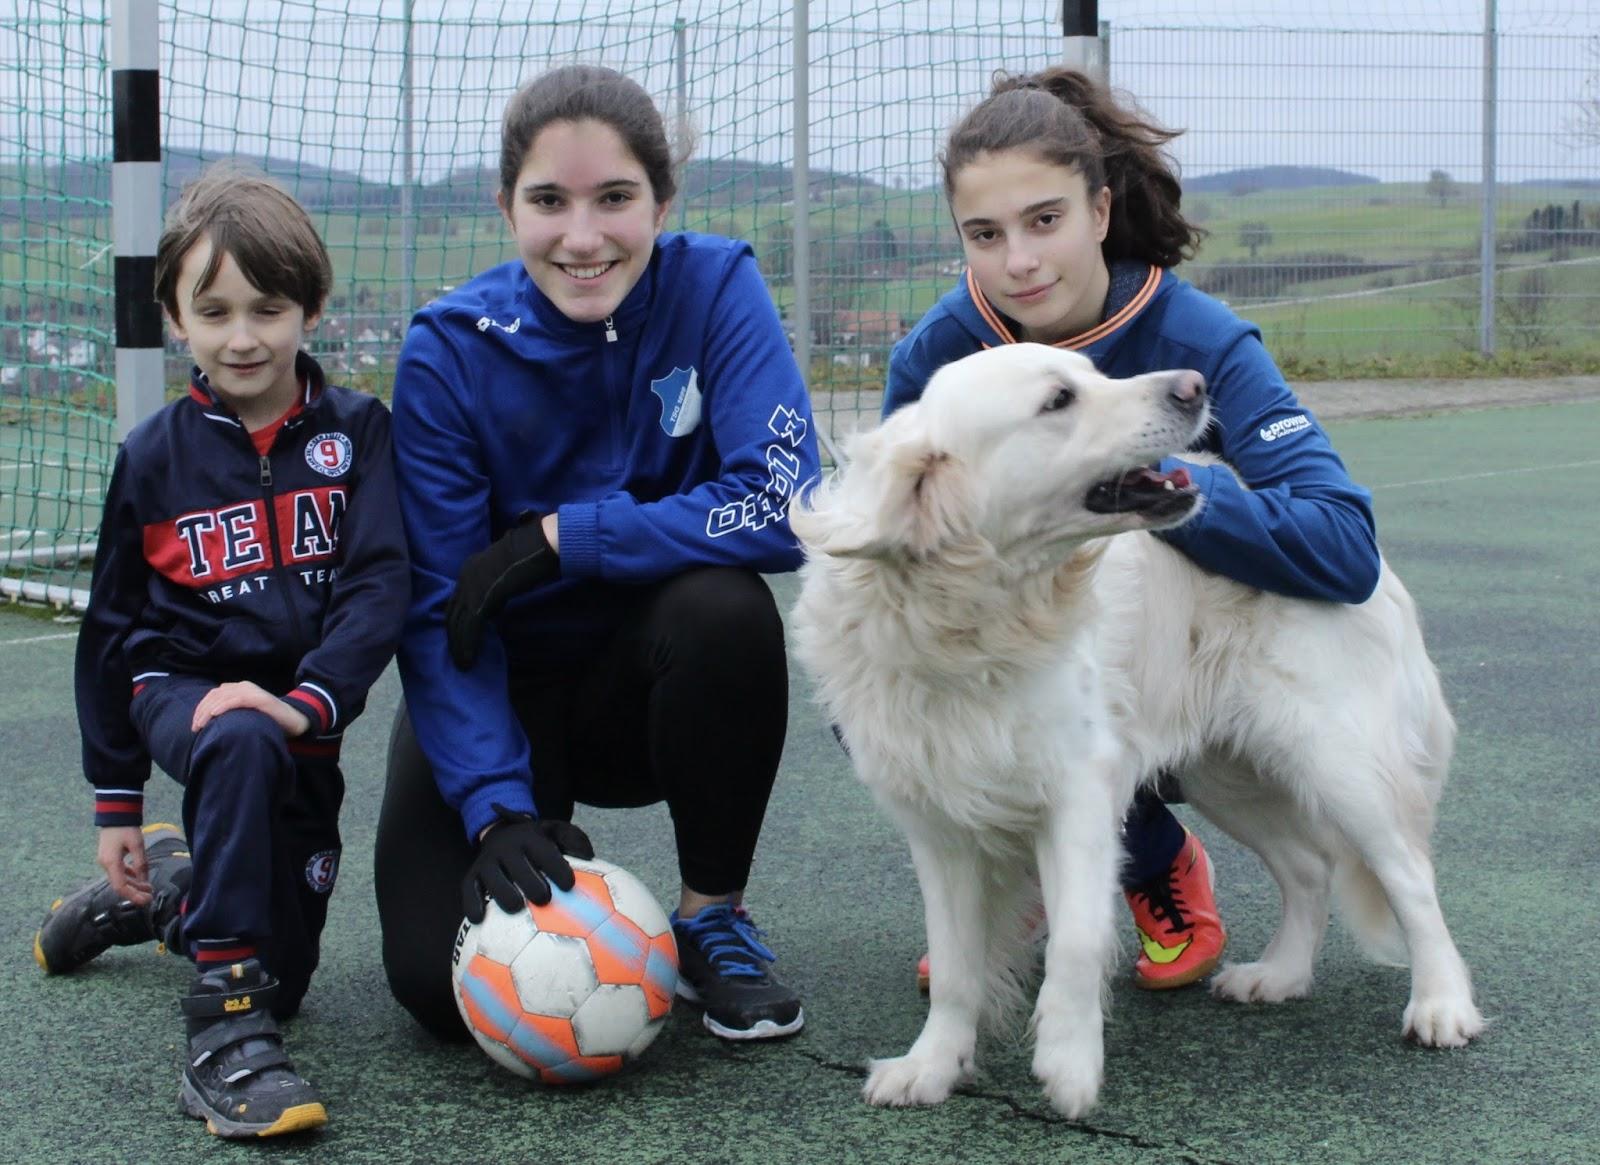 Telekom Sportpaket: Jonathan, Sophie und Clara trainieren gerne auch in ihrer Freizeit mit Hund Tamino